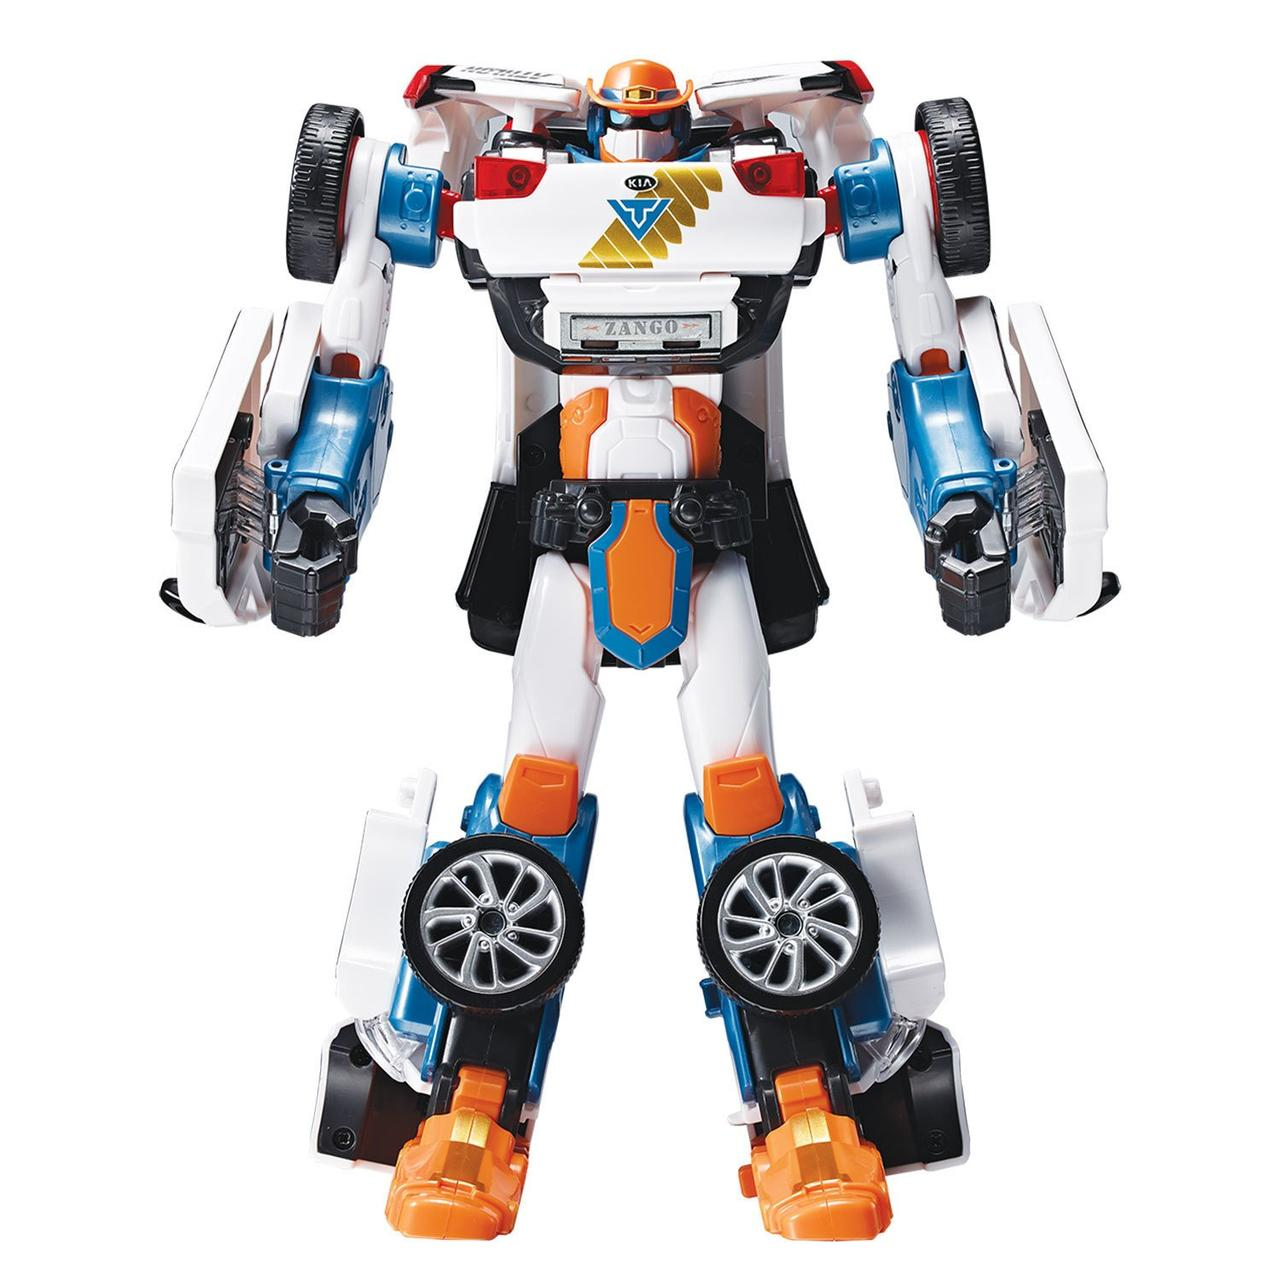 Tobot Робот-трансформер Тобот Атлон Джанго S3